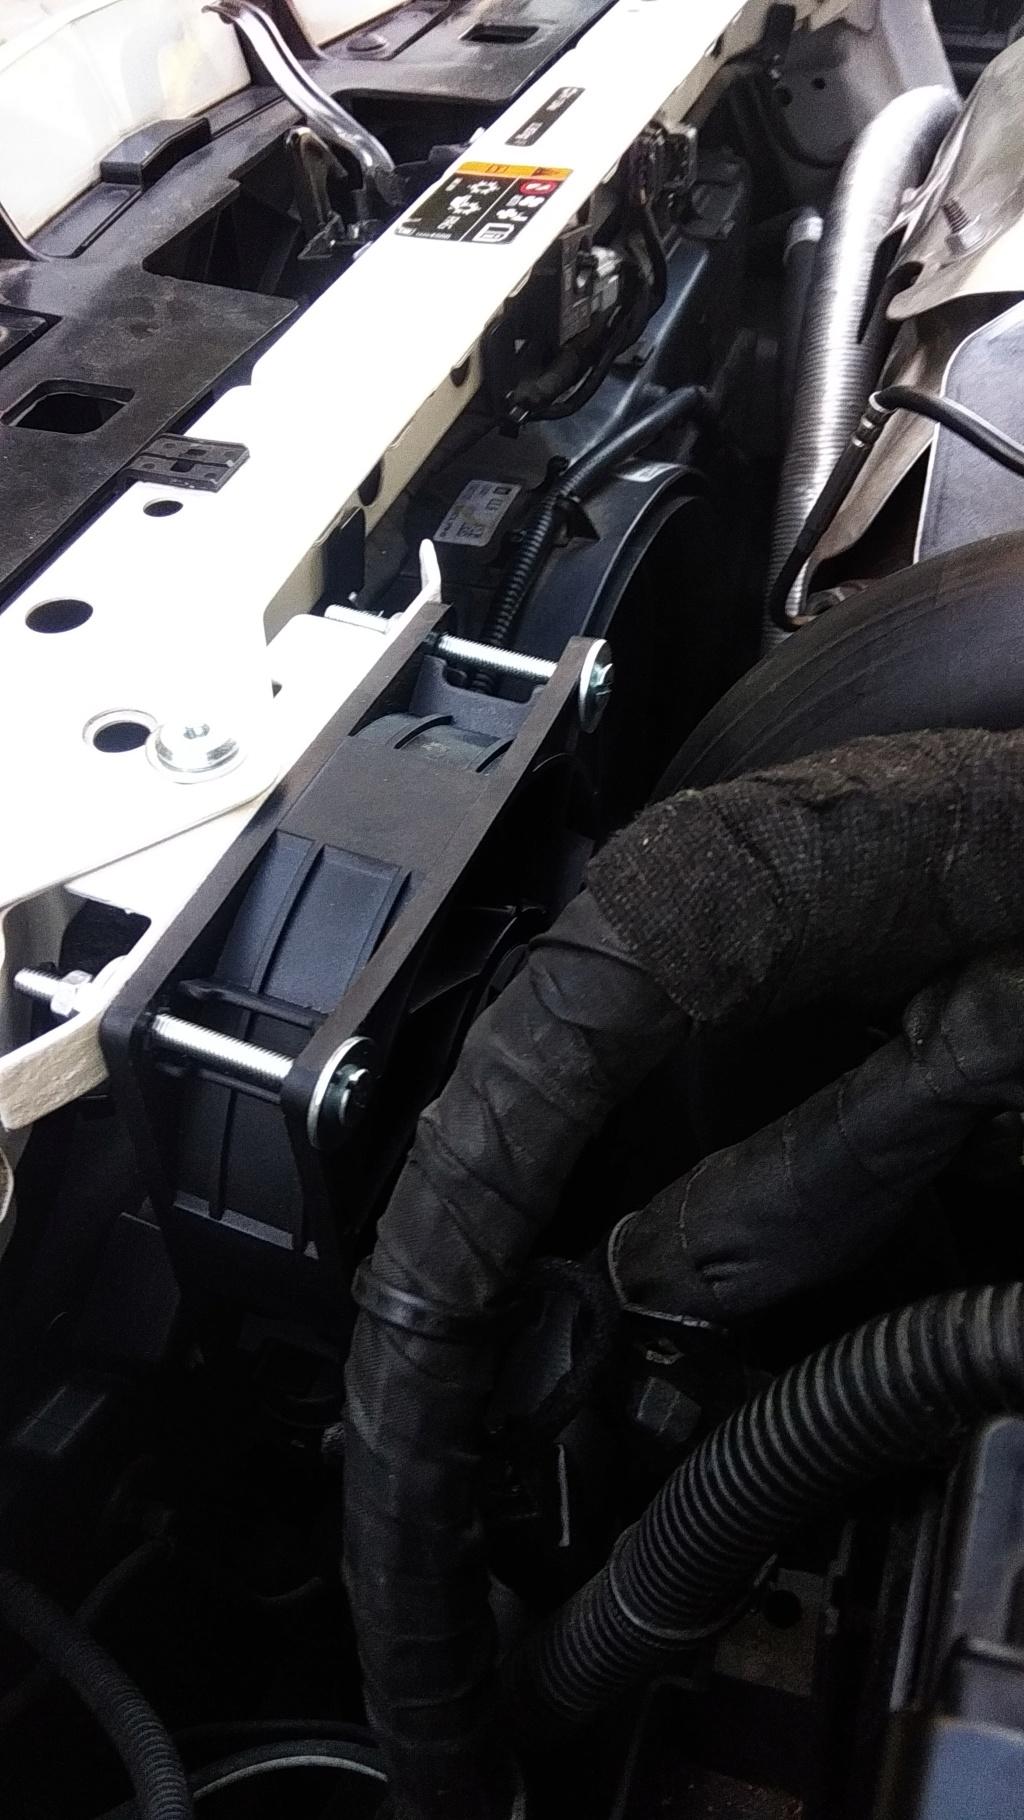 [BRICO J] REFRIGERACIÓN ACTIVA DE LA UNIDAD DE CONTROL DEL MOTOR (motores B16DTL y B16DTH) Img_2039